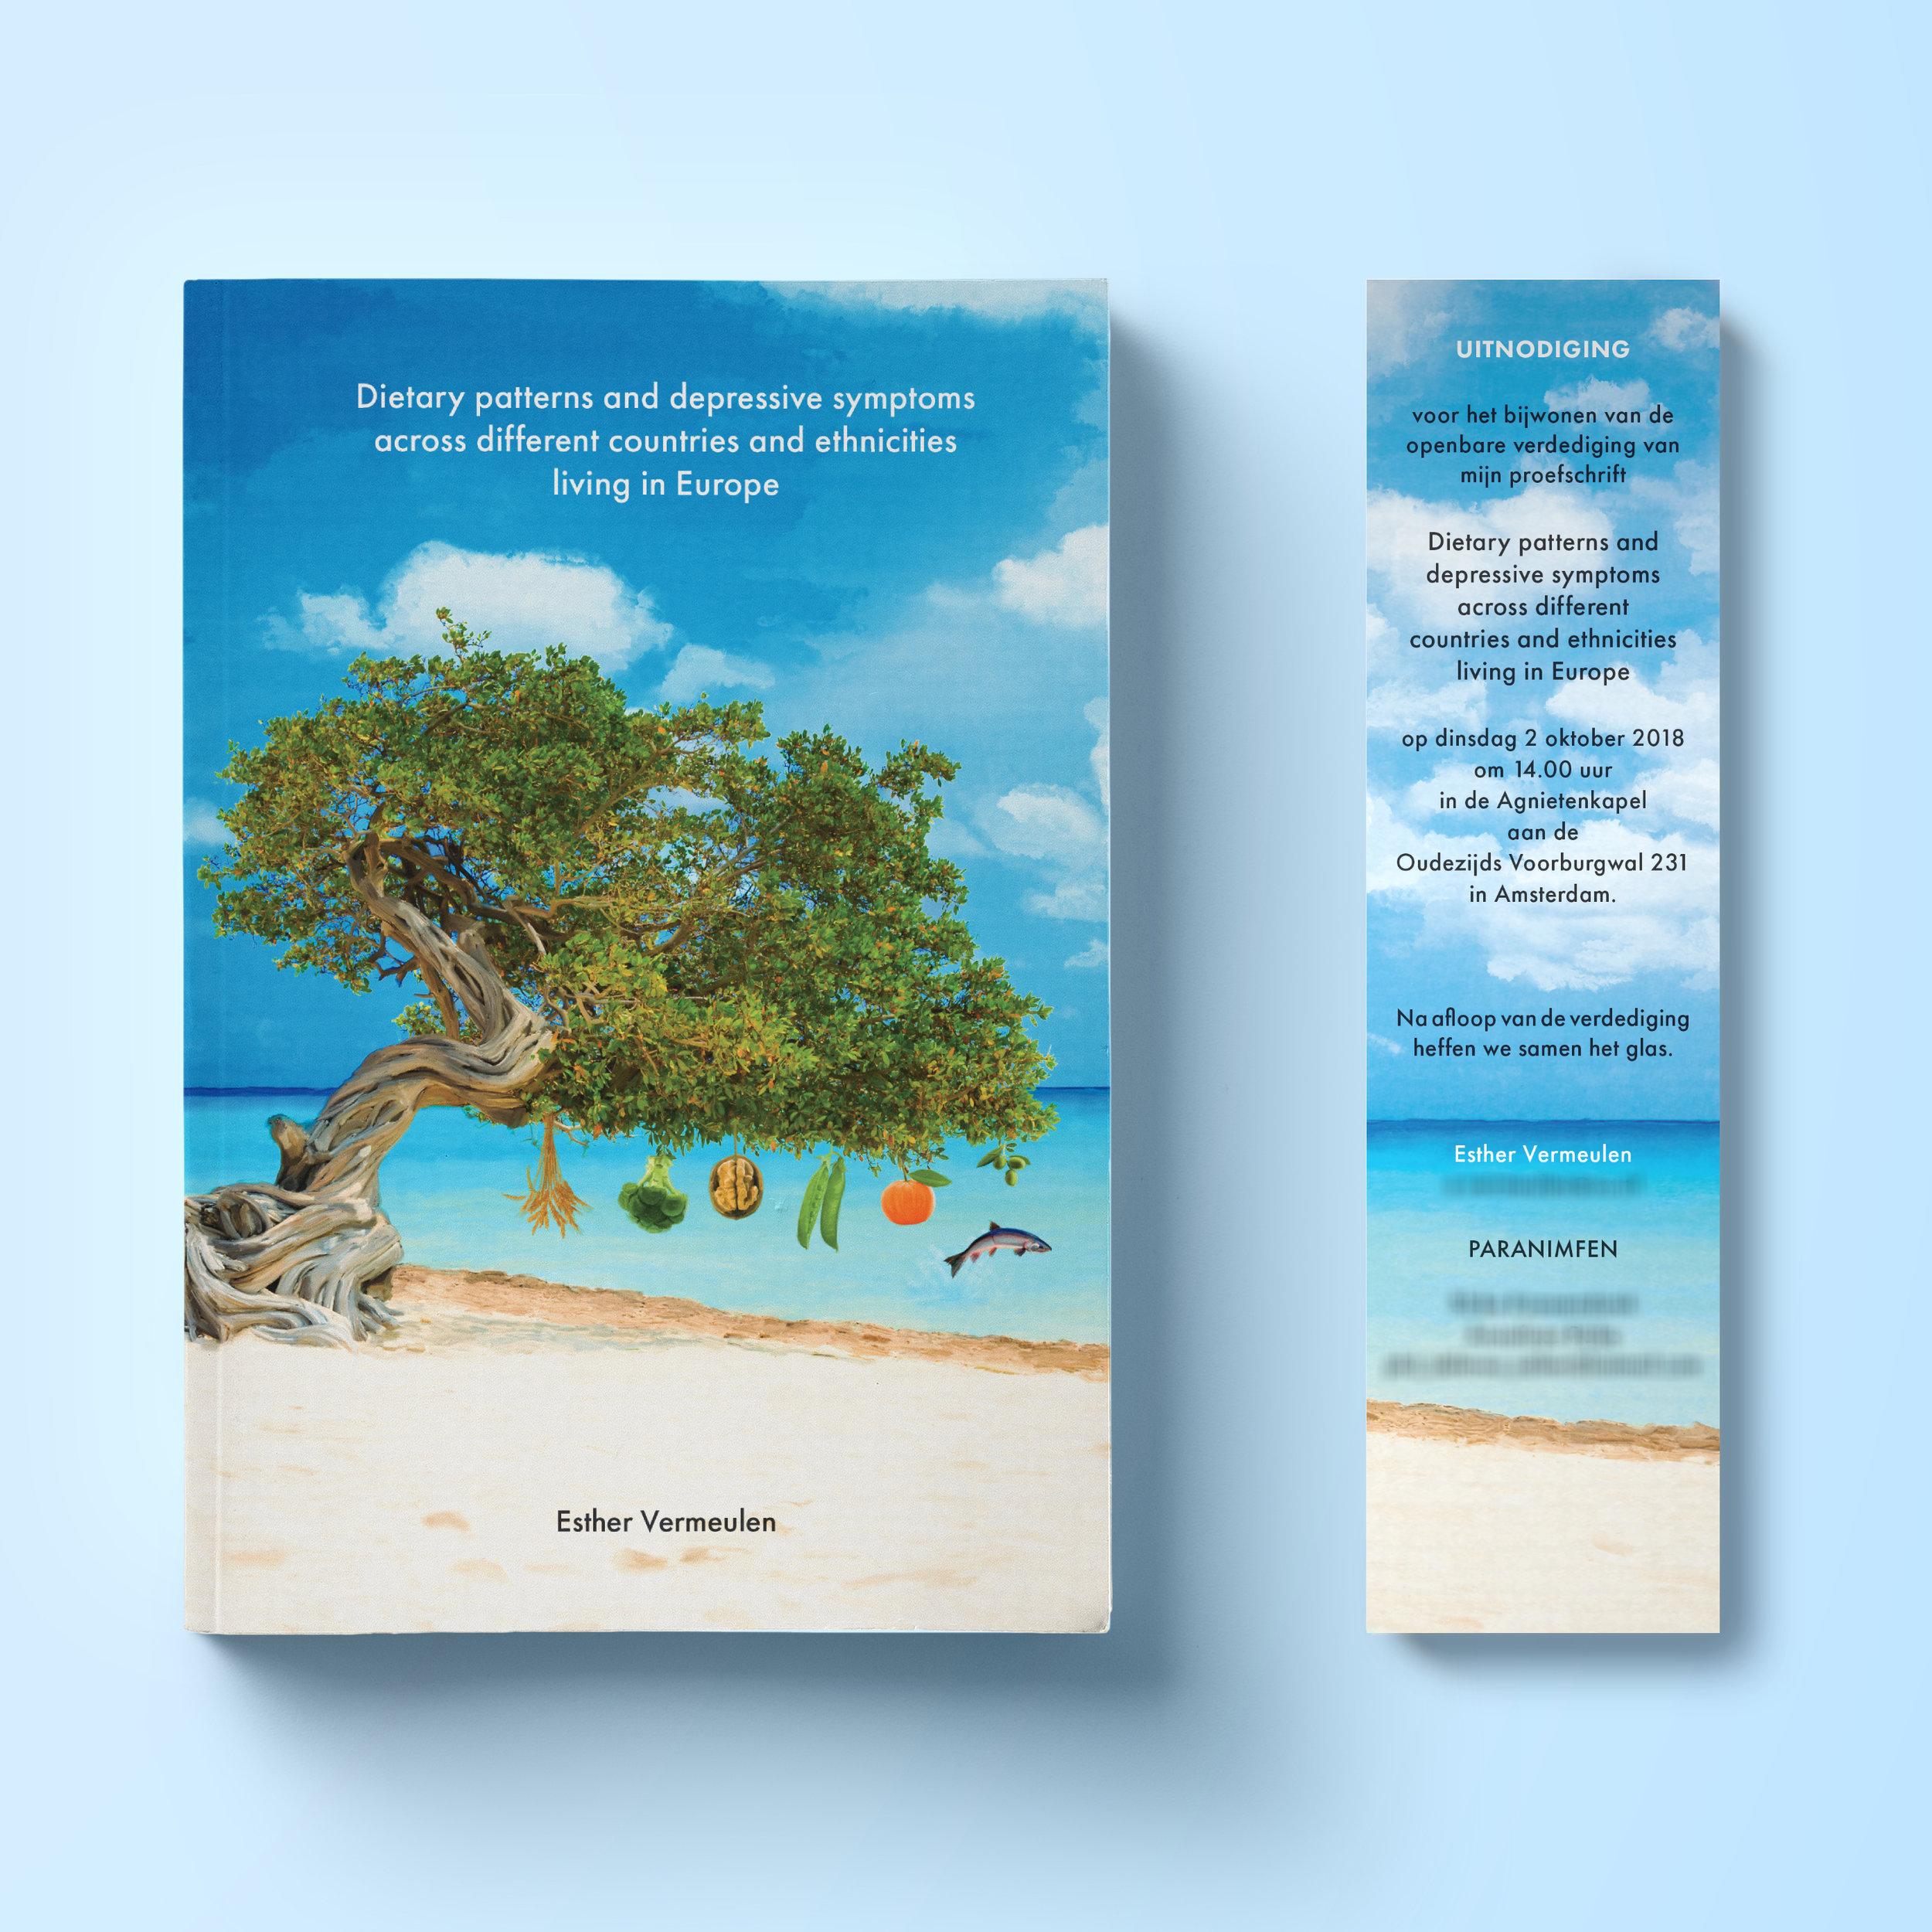 boek met boekenlegger.jpg